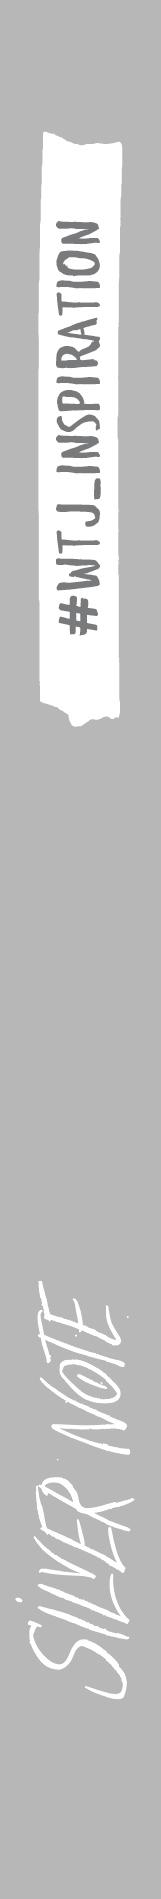 Silver Note. Креативный блокнот с серебряными страницами (твердый переплет)